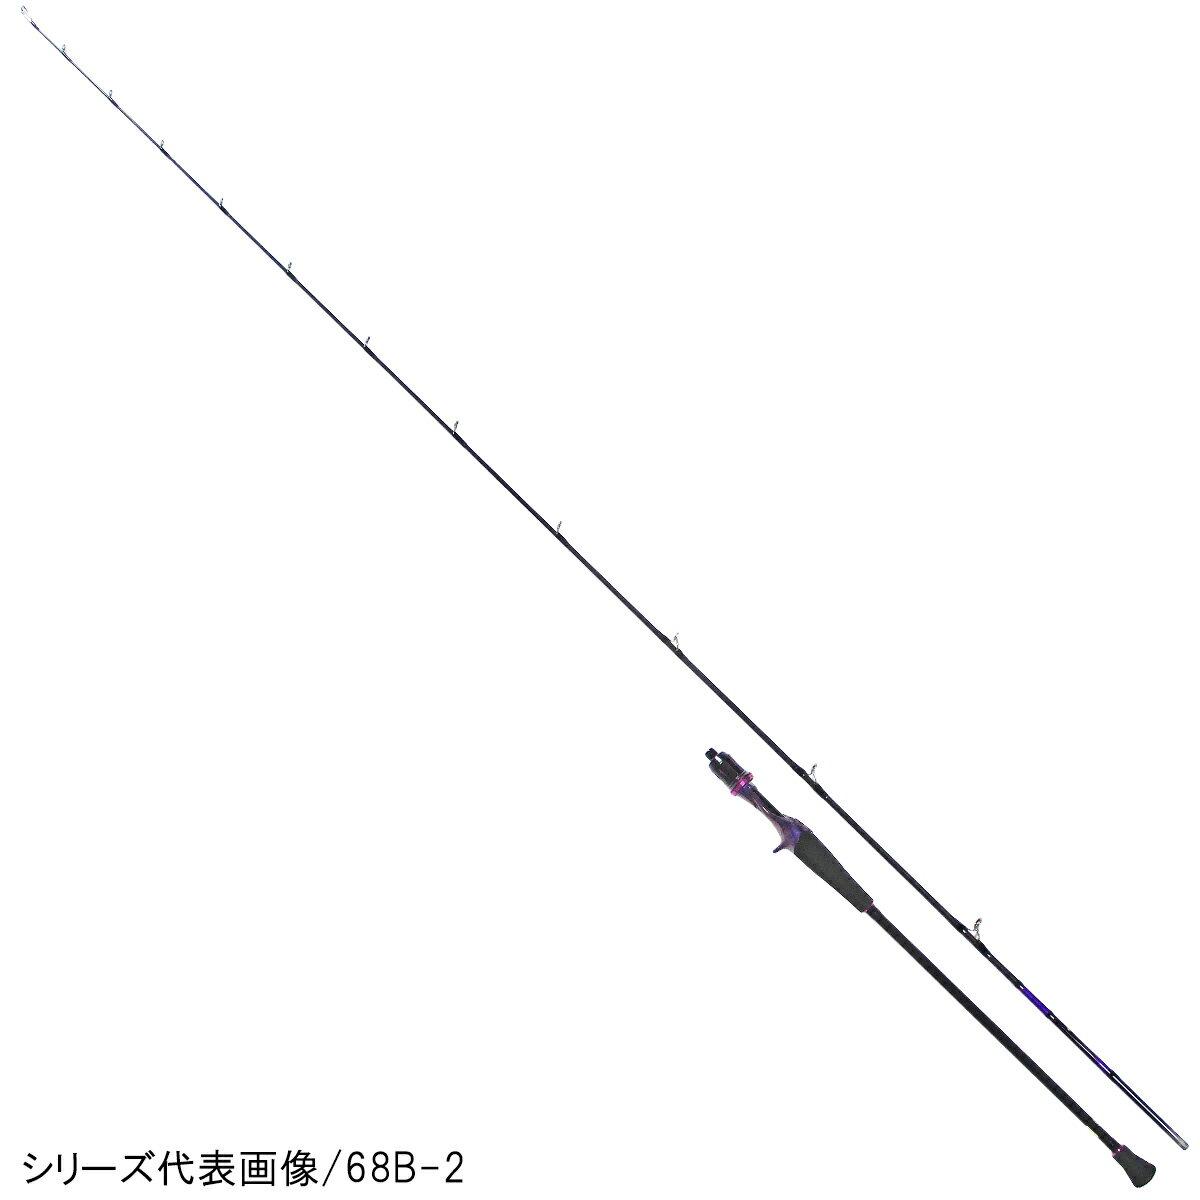 ダイワ 鏡牙 AIR 63B-2TG【送料無料】